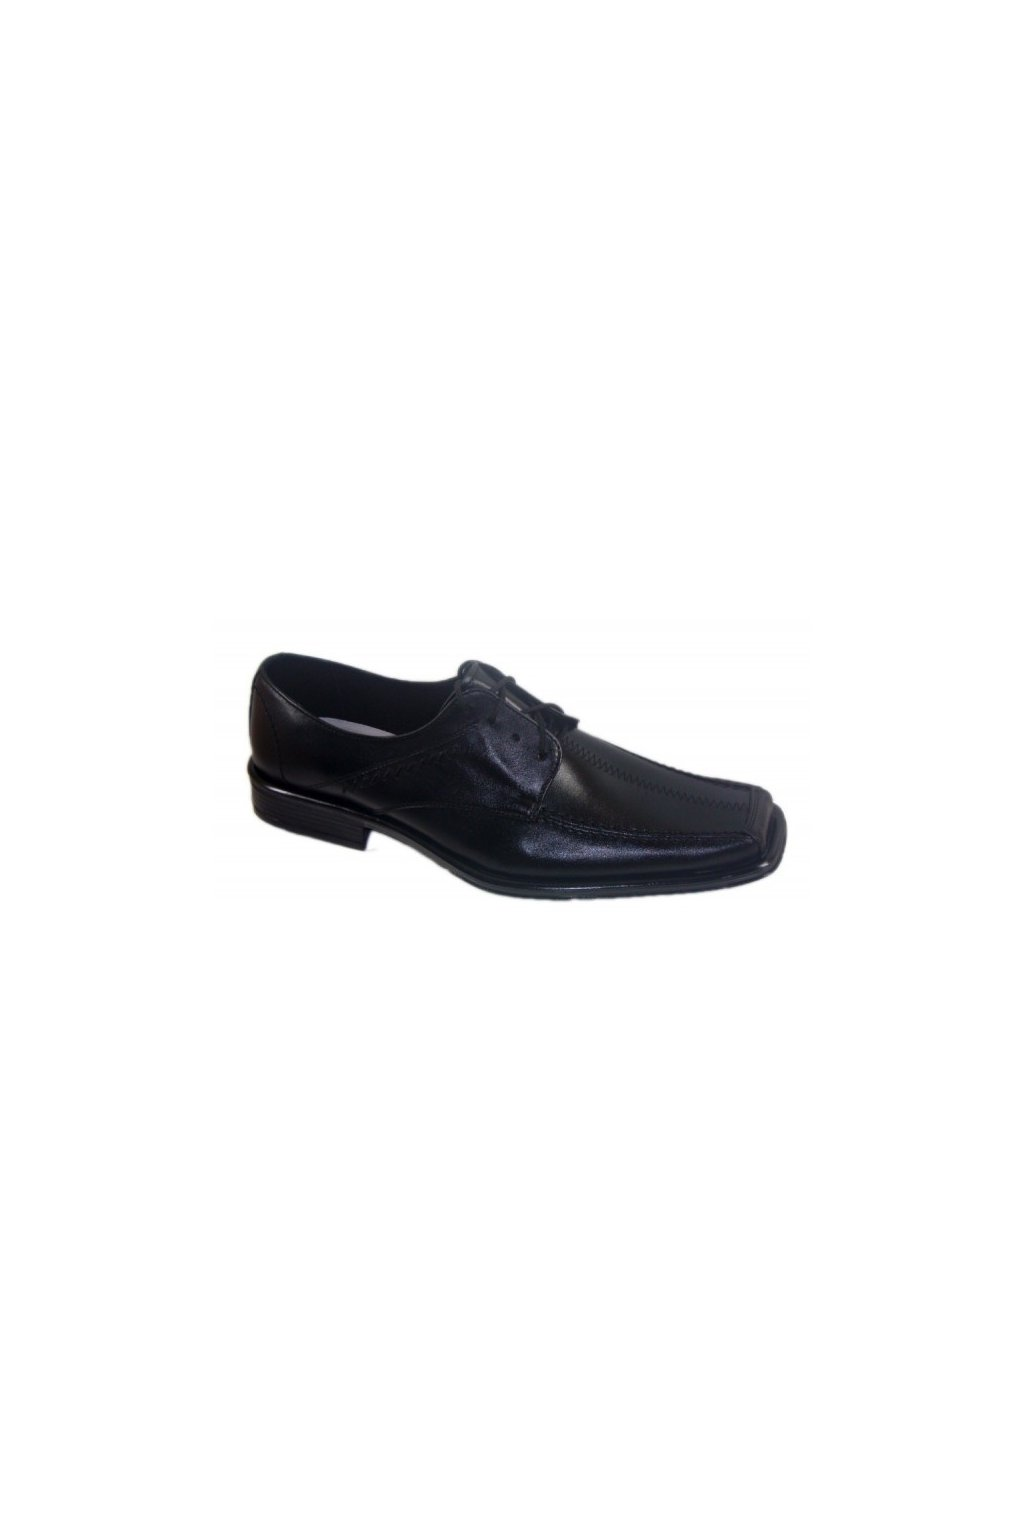 Podměrná pánská obuv Češv MAX2 přešitá